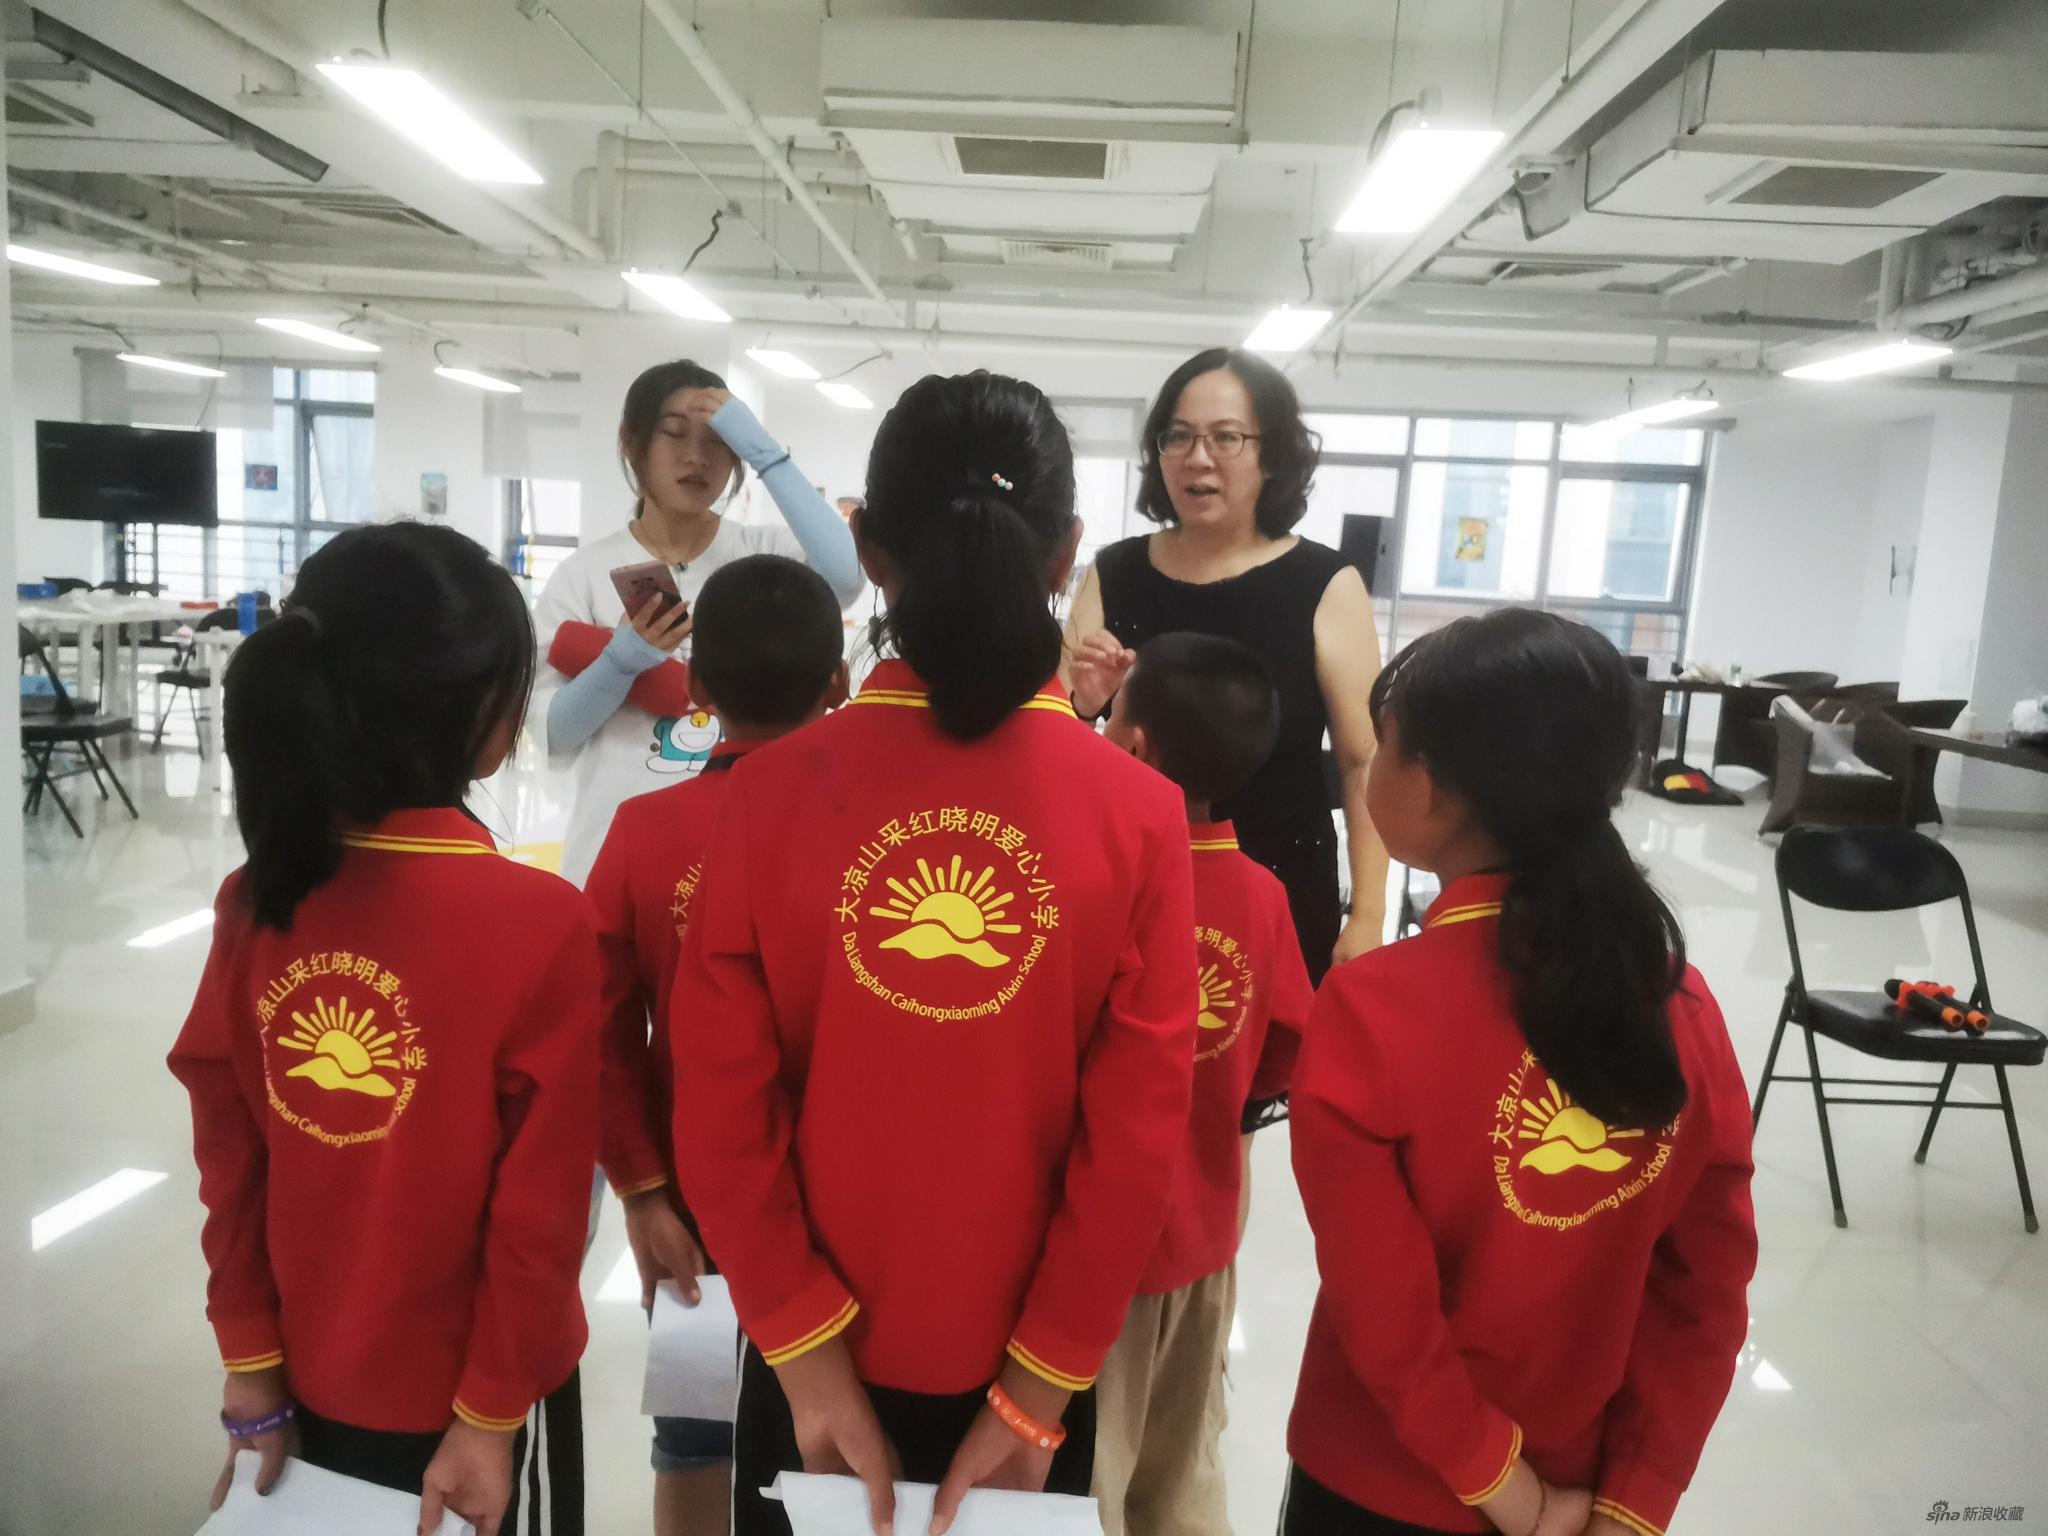 杨明明老师和张雨桐老师在给孩子们示范